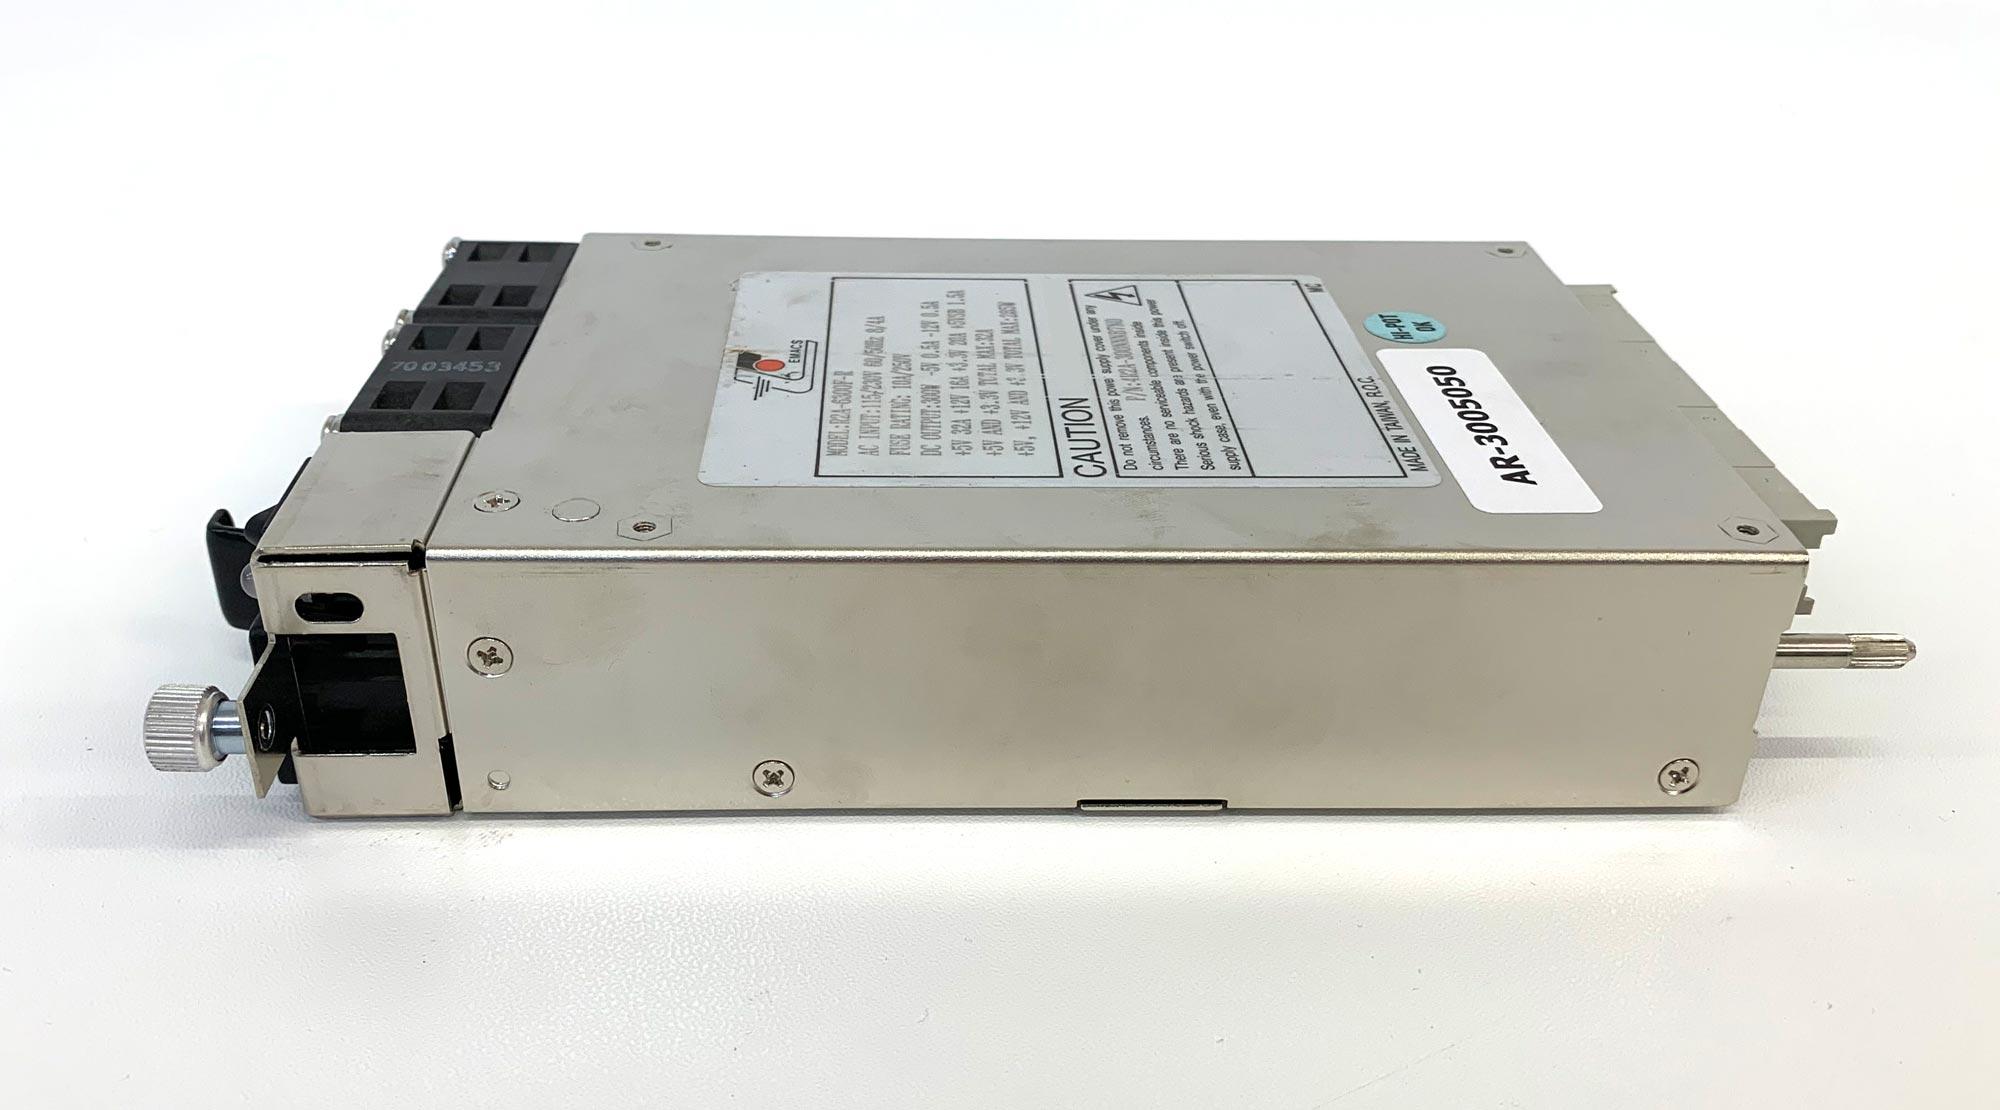 Emacs R2A-6300F-R - 300W IPC Netzteil